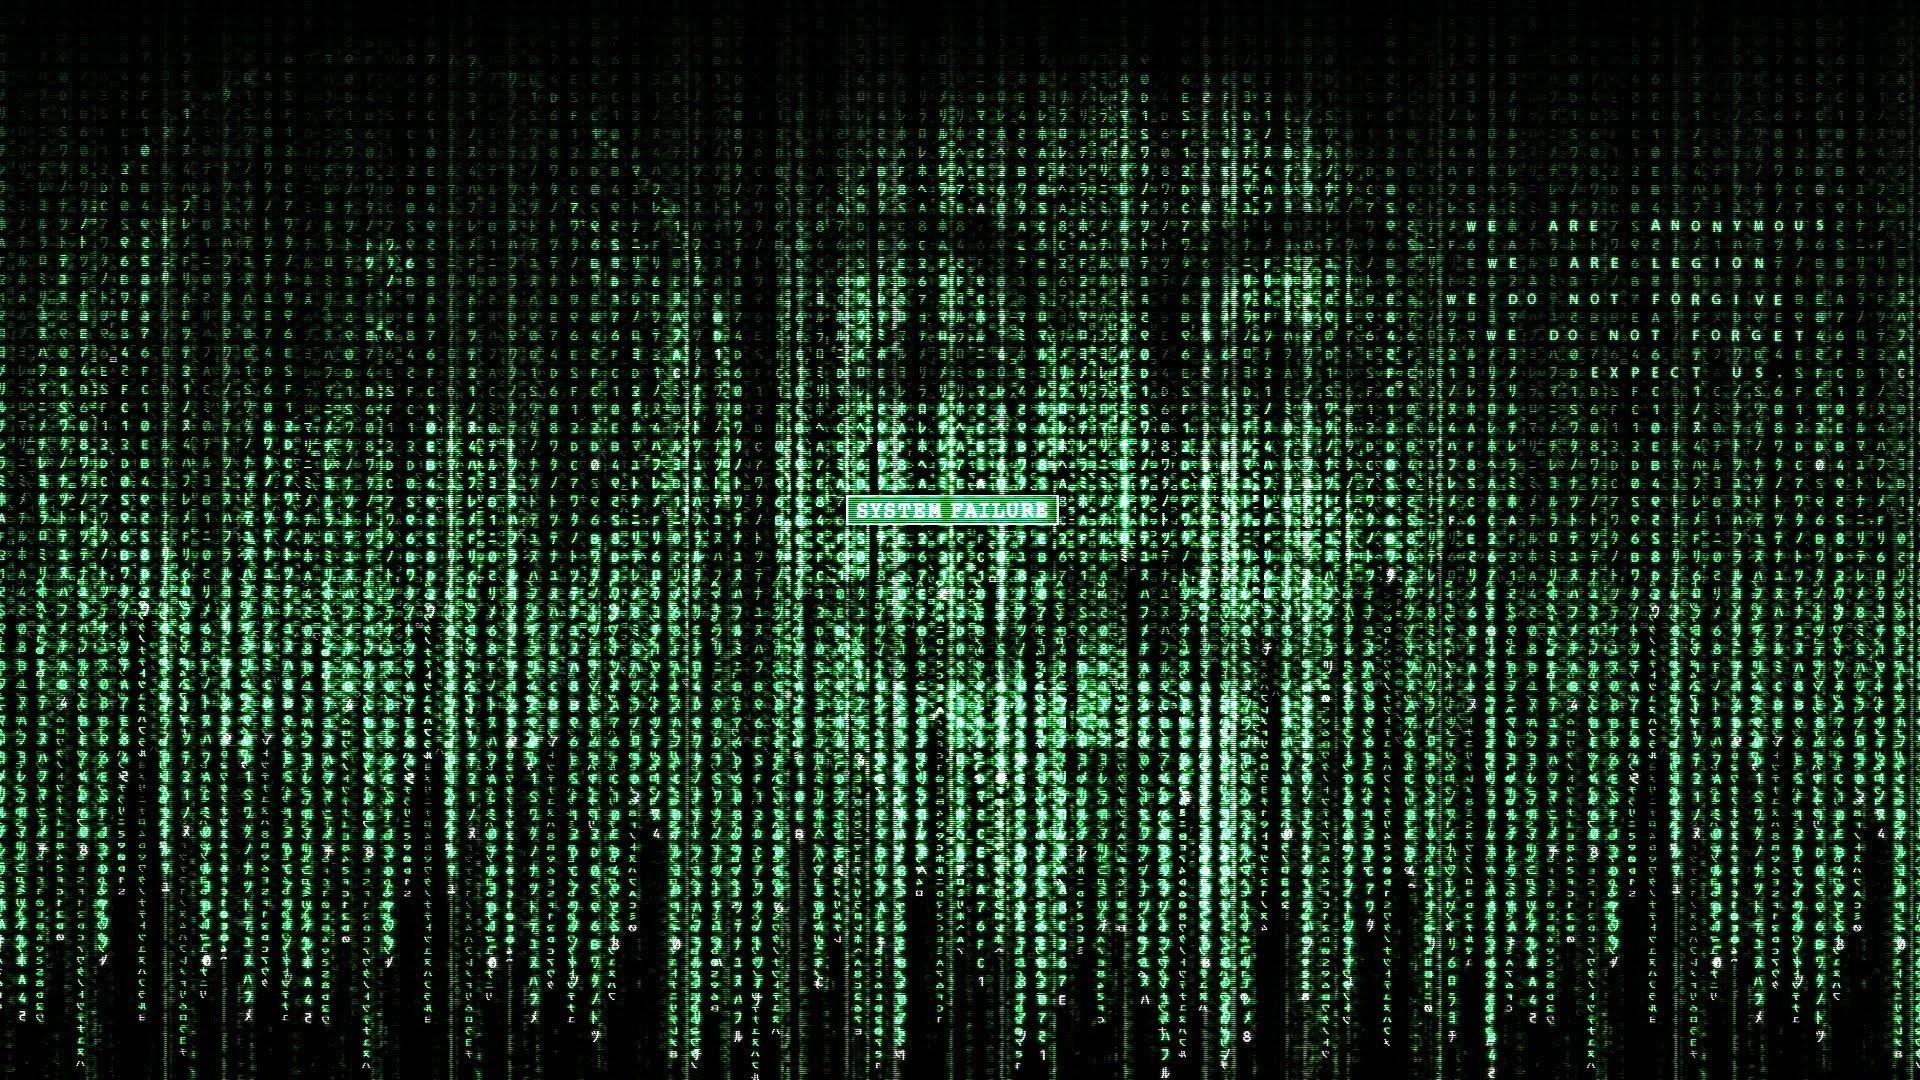 hacker code wallpaper - photo #3